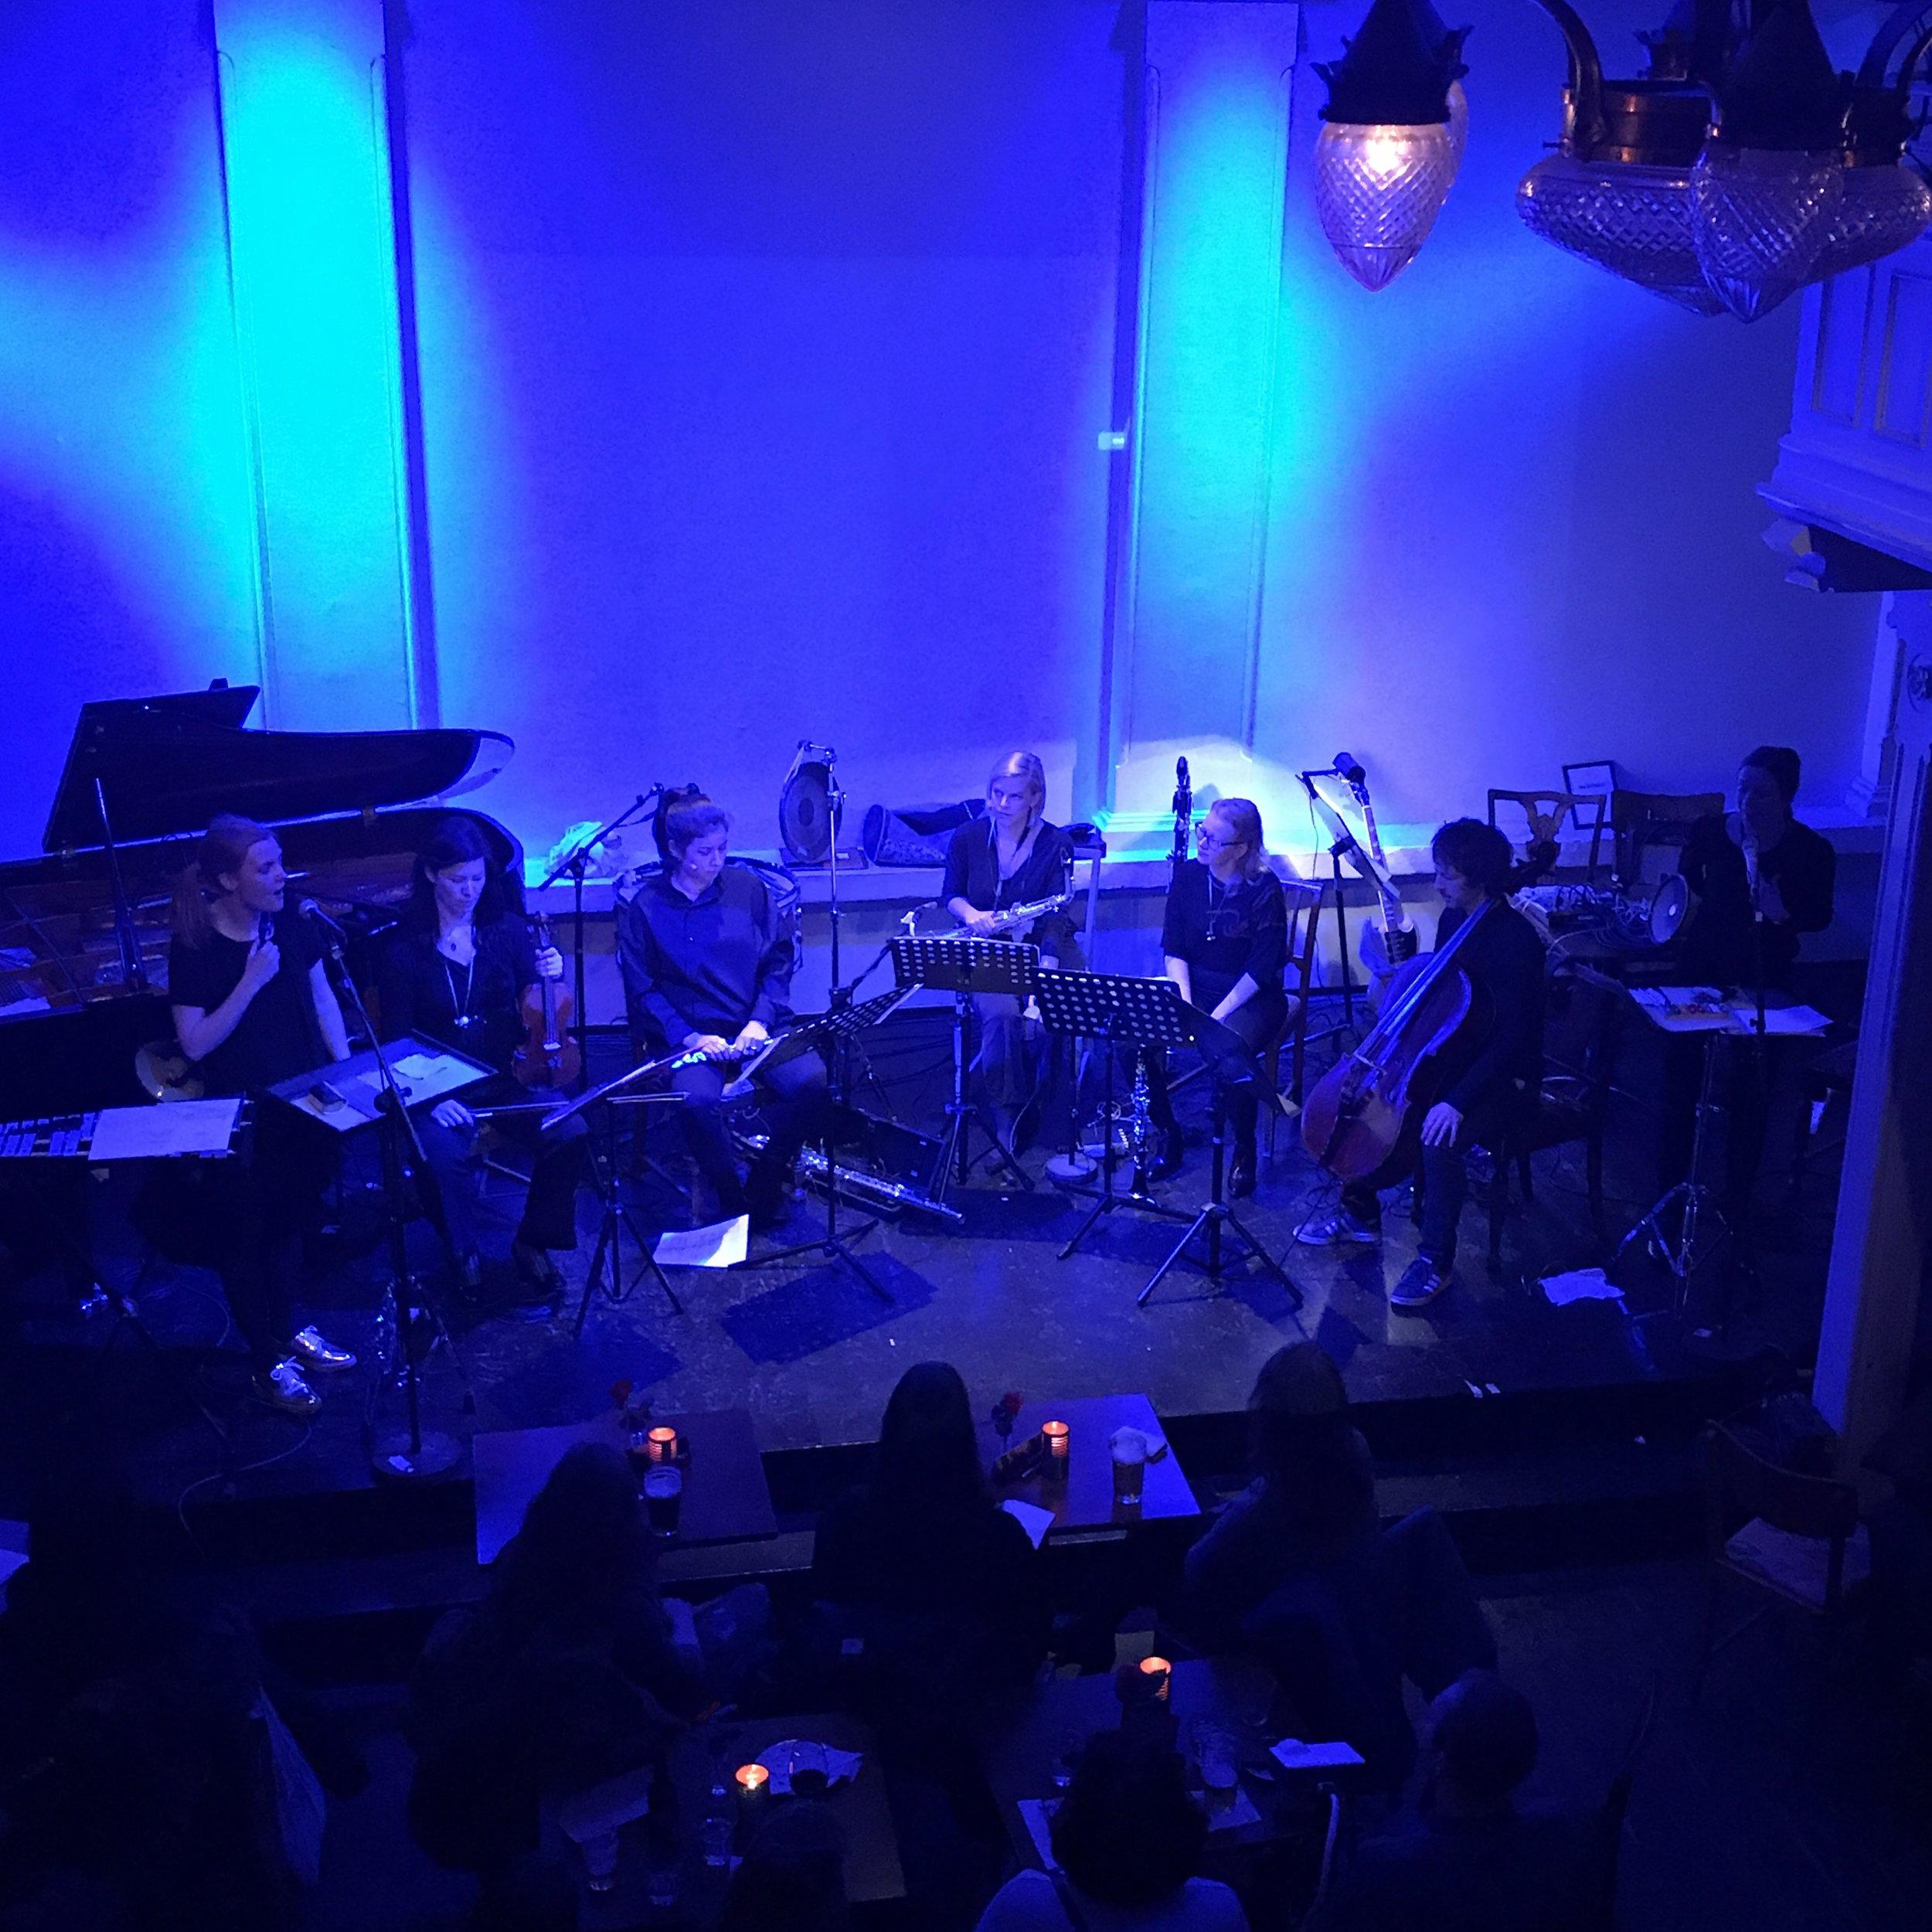 Ensemble neoN: Lyden av noe som allerede har forsvunnet 3 - Caféteateret 23. January 2019. Photo: Ingvild Langgård